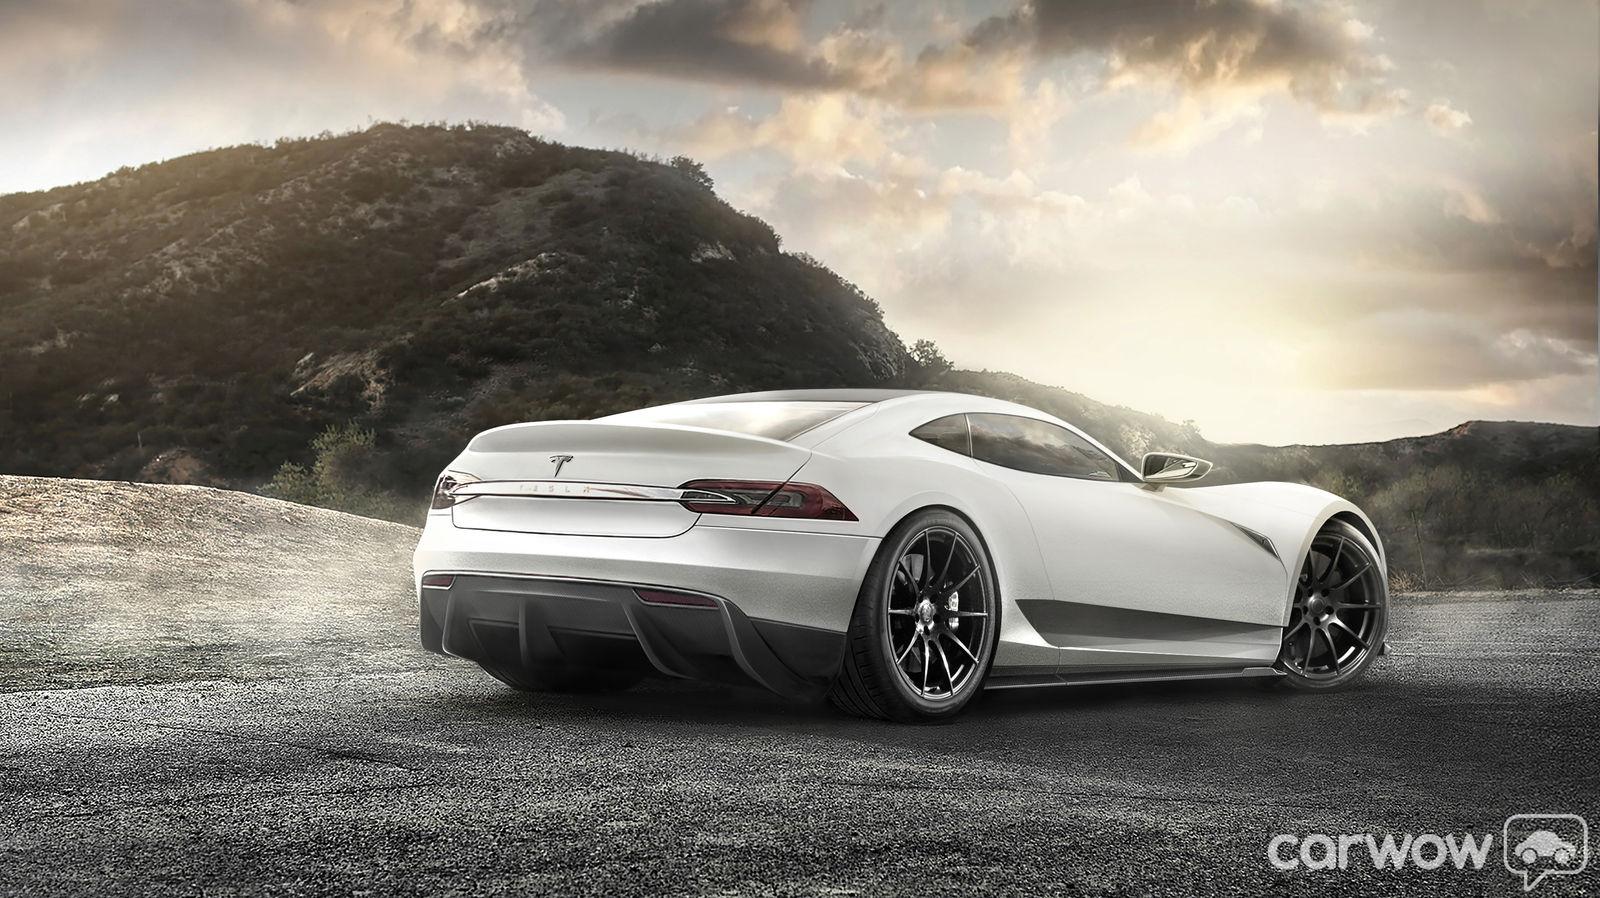 2016 Tesla Model R Hypercar Concept Design Sketches Carwow